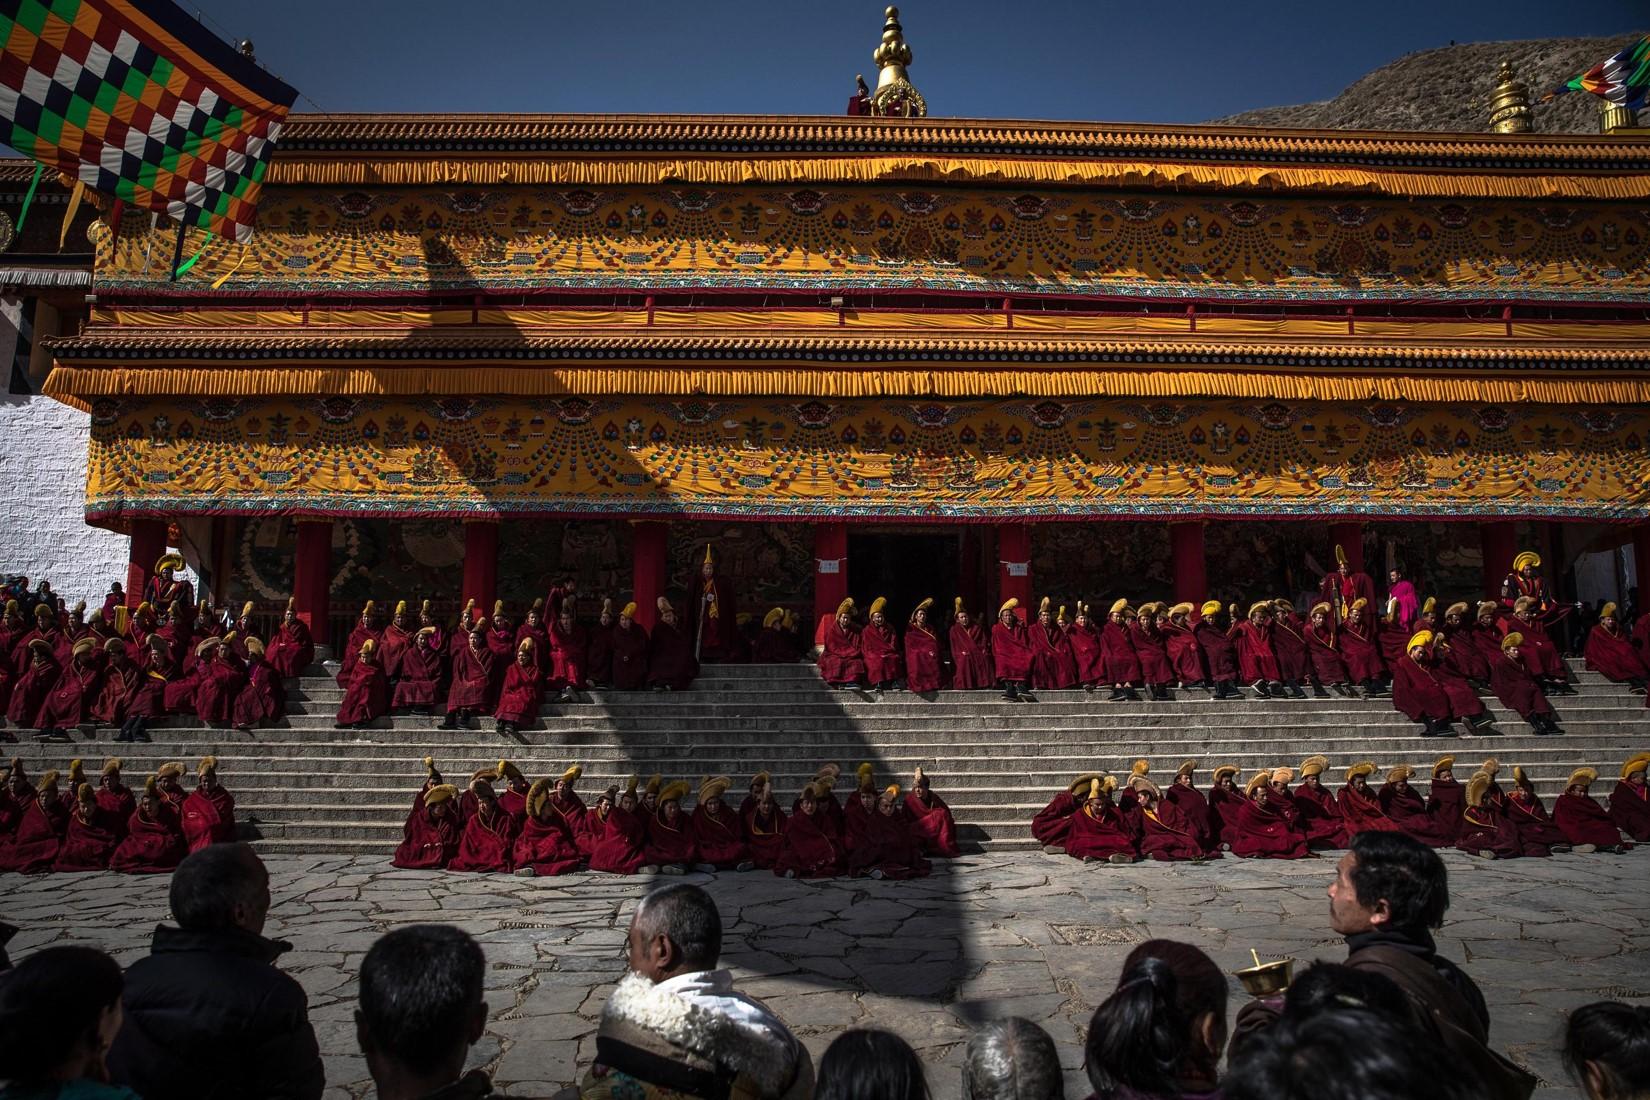 Il monastero di Labrang è pronto per i festeggiamenti del Monlam